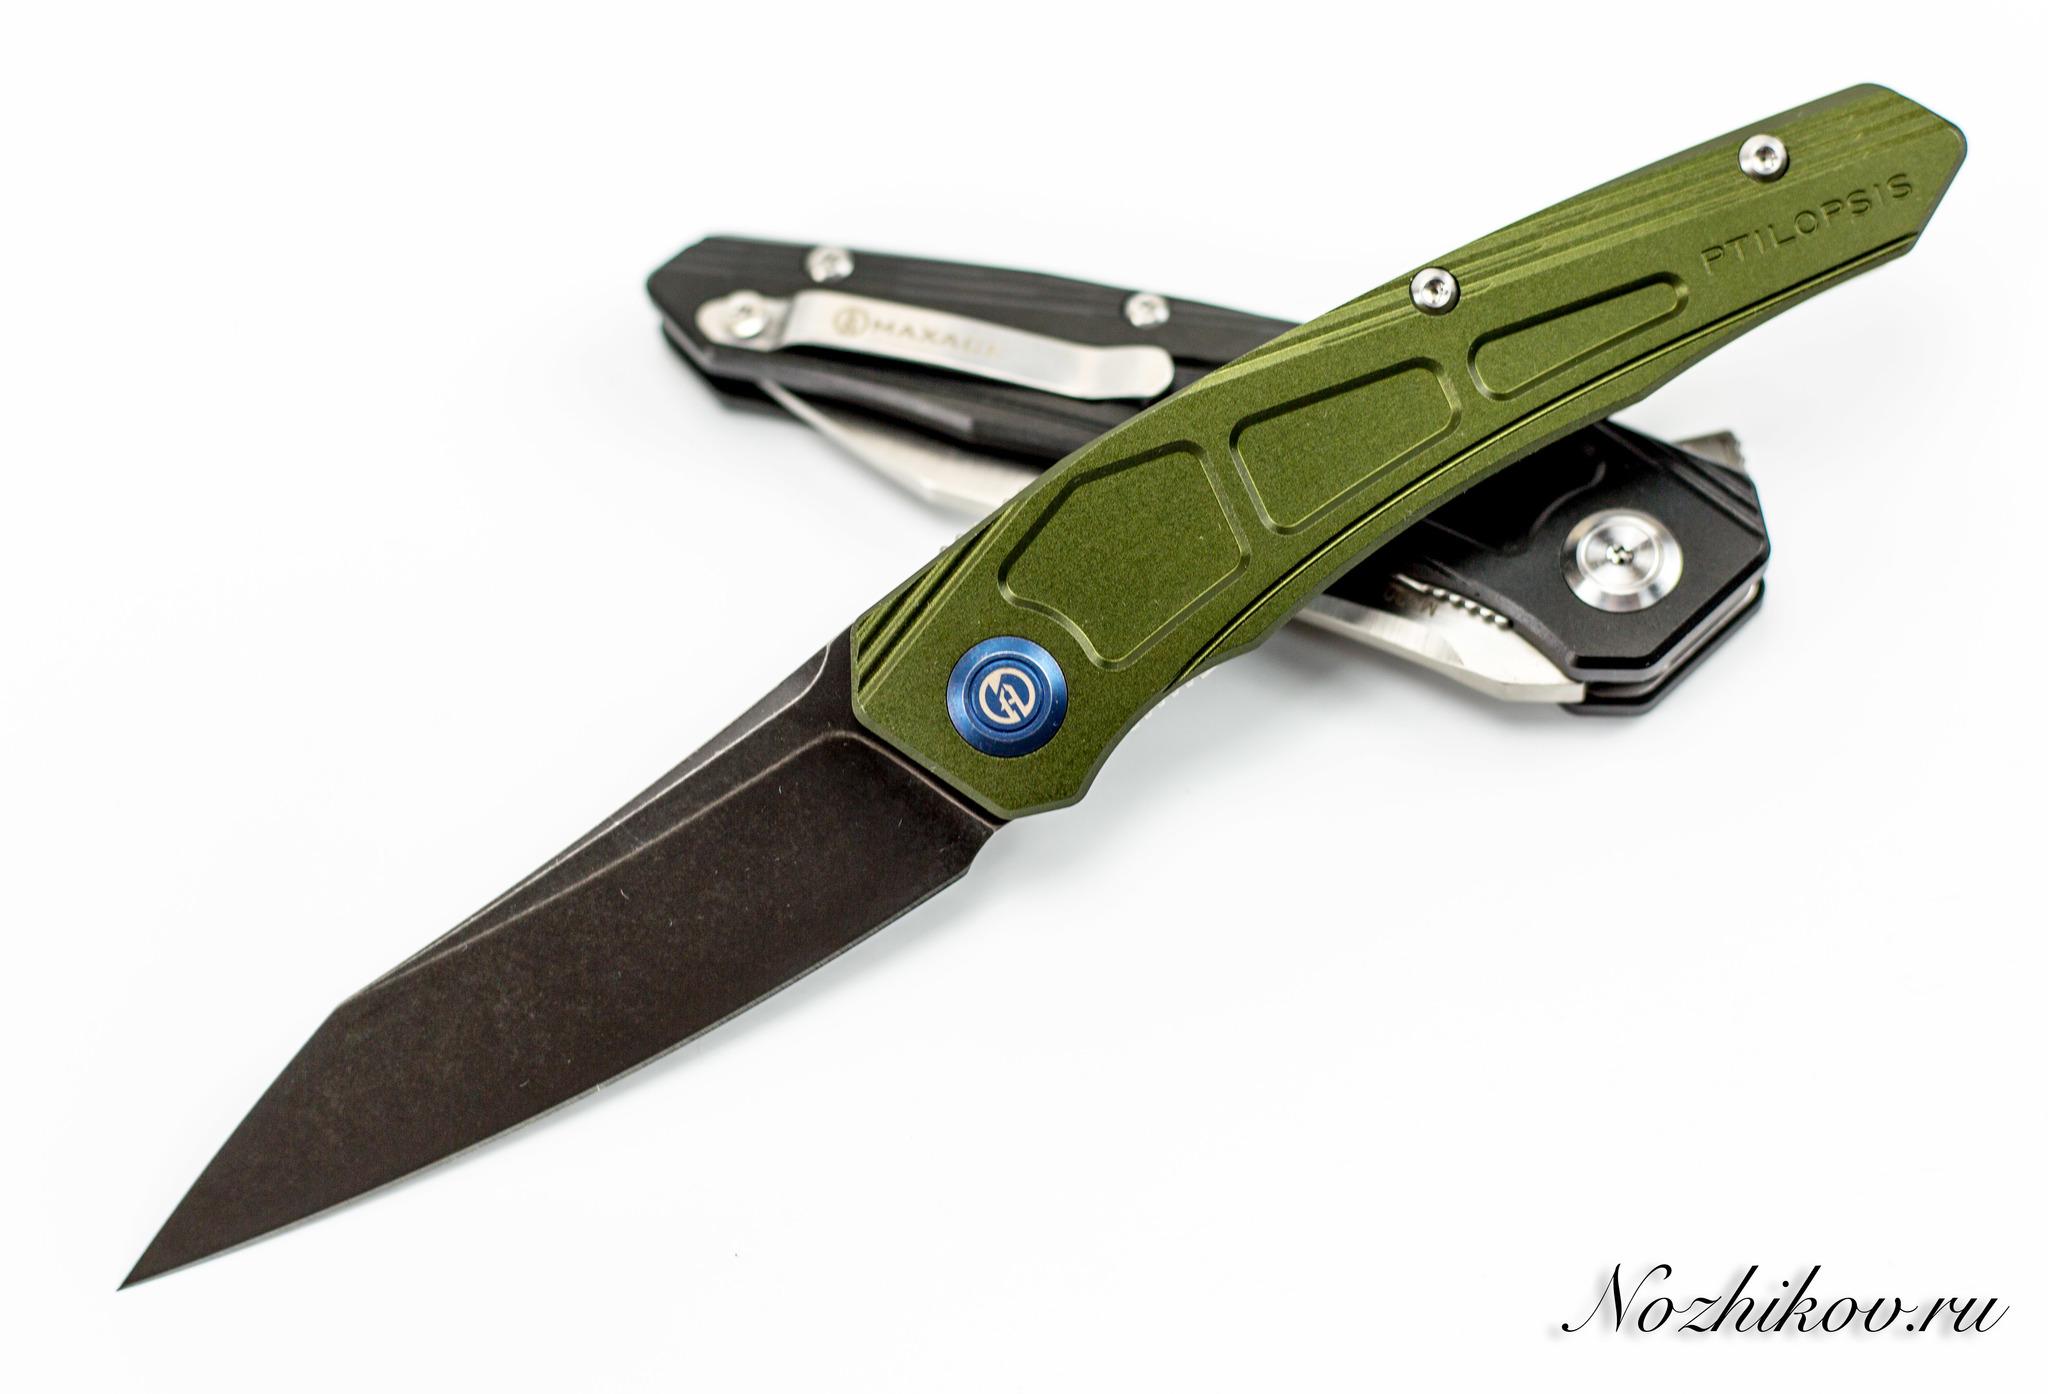 Складной нож Maxace Ptilopsis Green, сталь M390Раскладные ножи<br>СКЛАДНОЙ НОЖ MAXACE PTILOPSIS СТАЛЬ M390 сочетает в себе инновационные материалы, современный дизайн и максимально брутальный внешний вид. Такой нож станет звездой в любой коллекции. Нож можно носить при себе, или можно поместить на коллекционный ложемент и любоваться. Клинок ножа выполнен из порошковой стали высокой твердости, что обеспечивает сохранность режущей кромки в течение длительного времени. Нож легко затачивается до бритвенной остроты. Рукоятка ножа выполнена из облегченного титанового сплава, который используется в космической промышленности.<br>